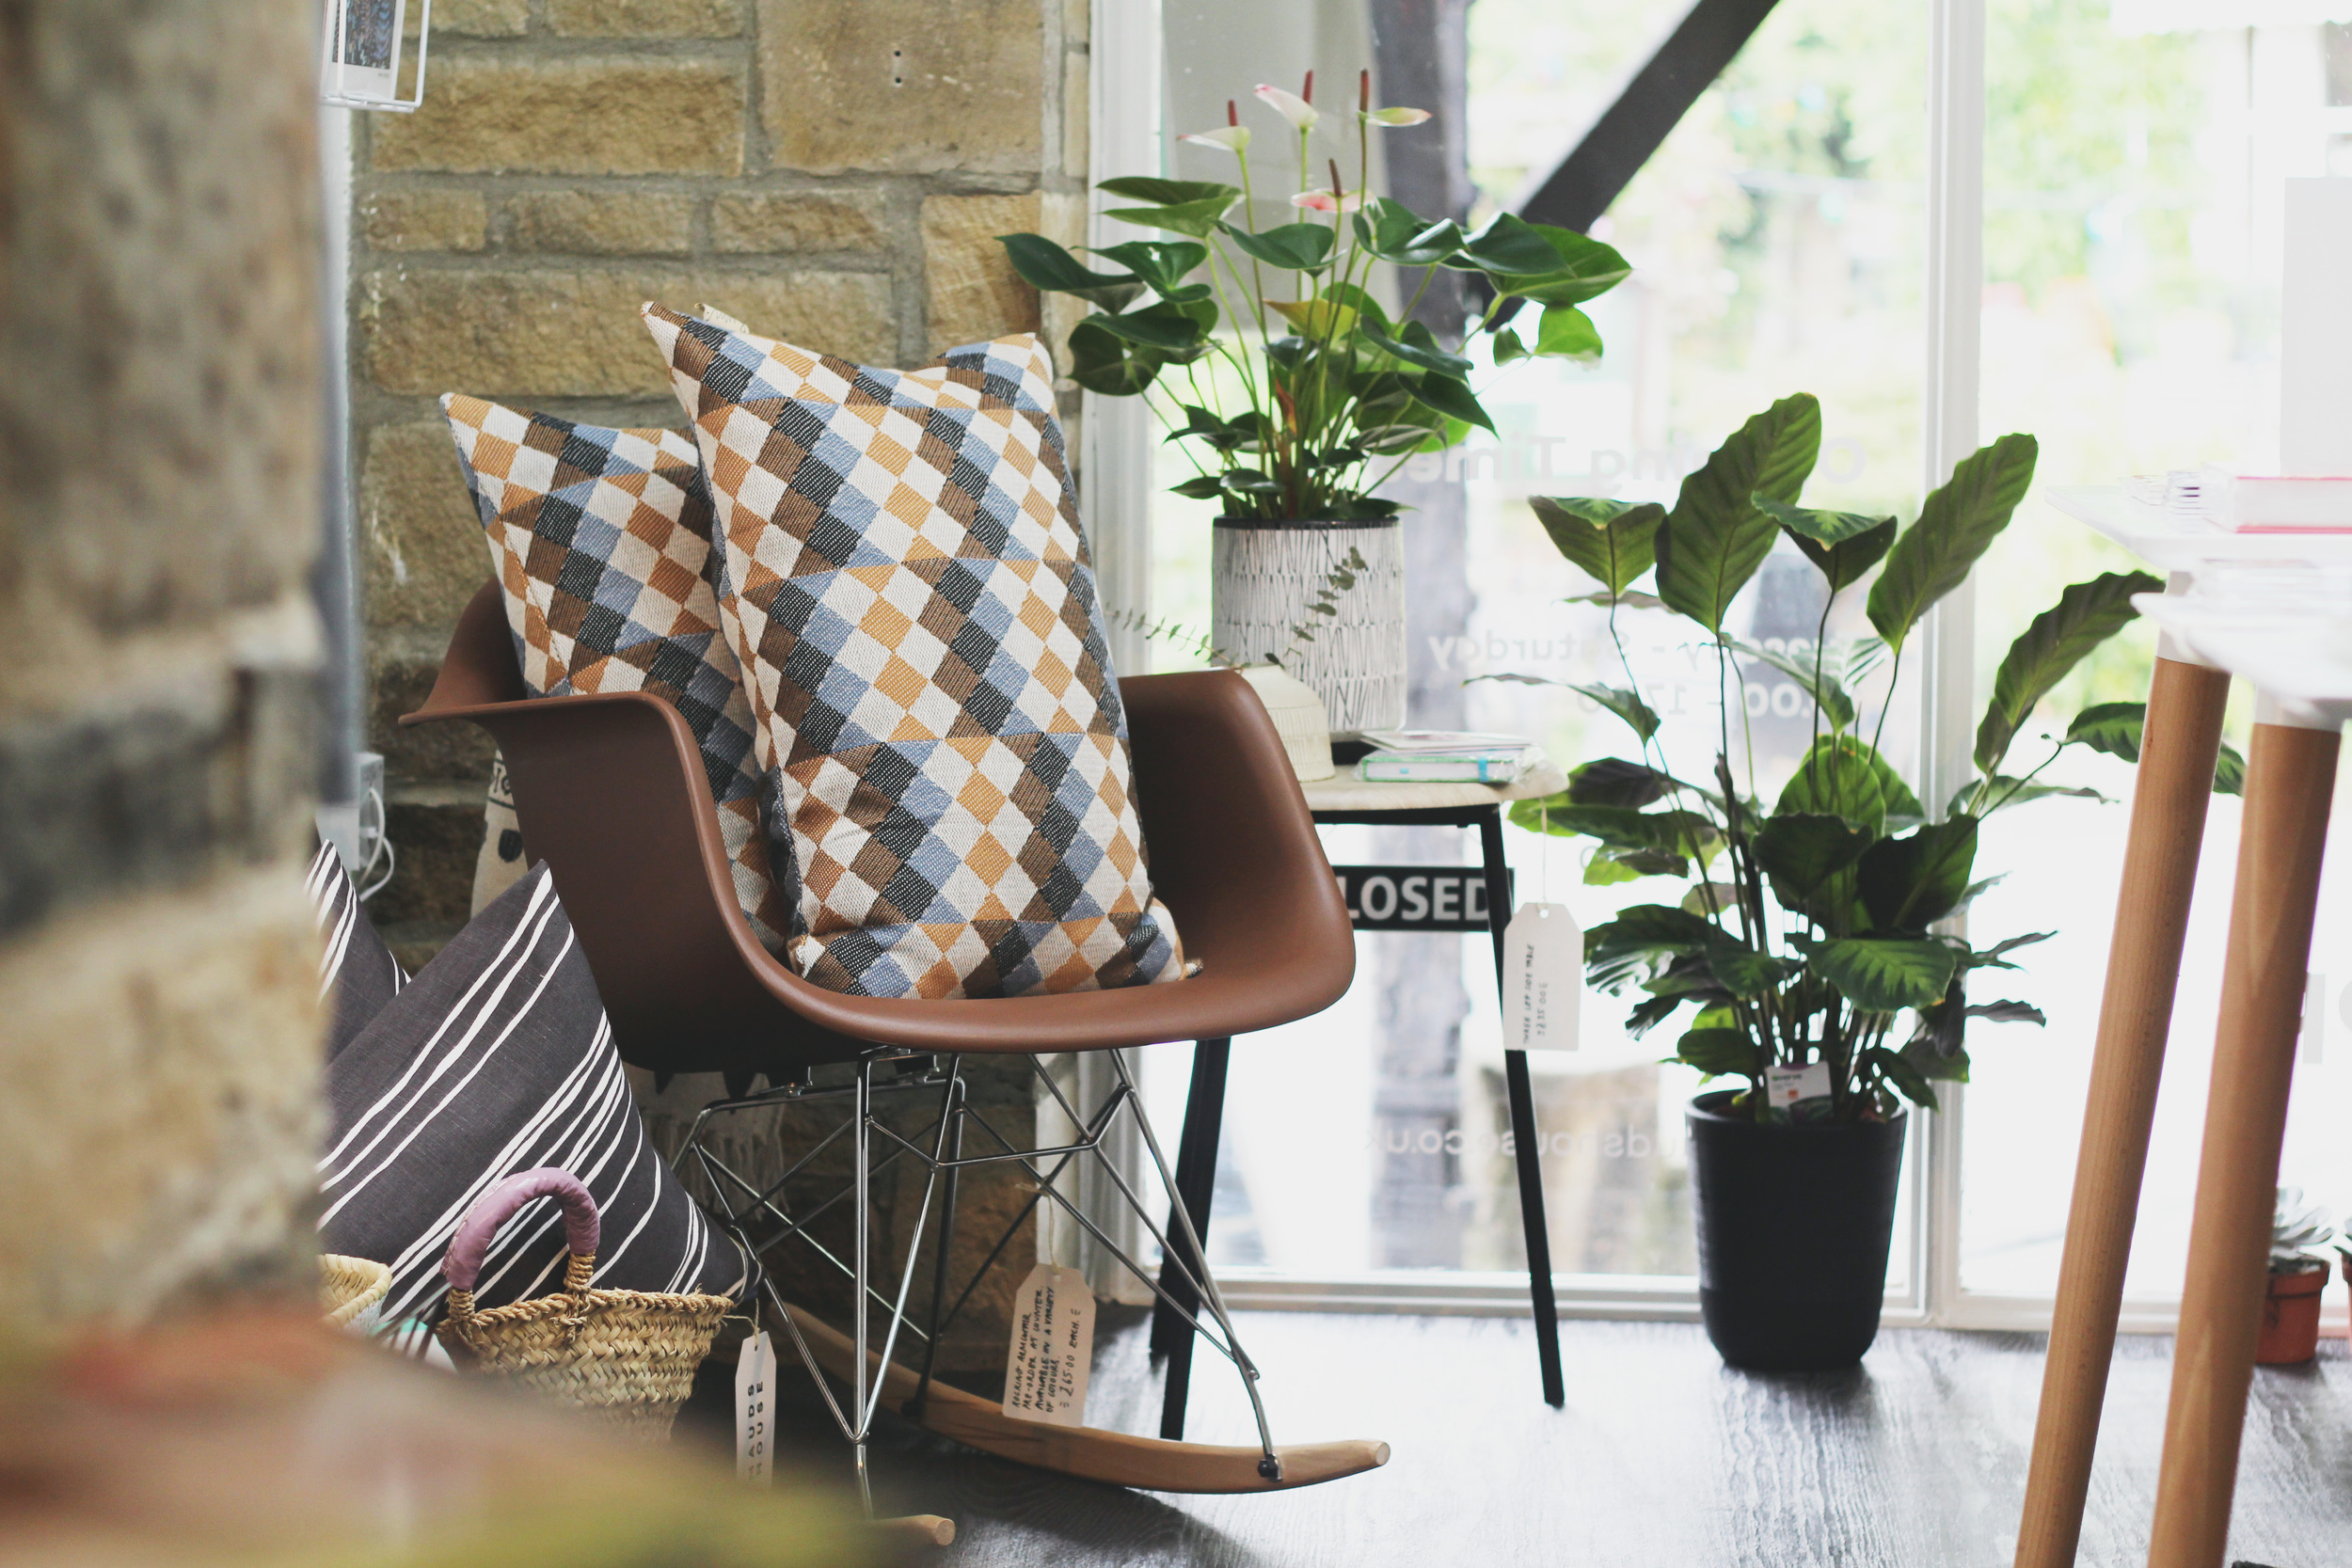 Blue Commedia Dell'arte Cushion